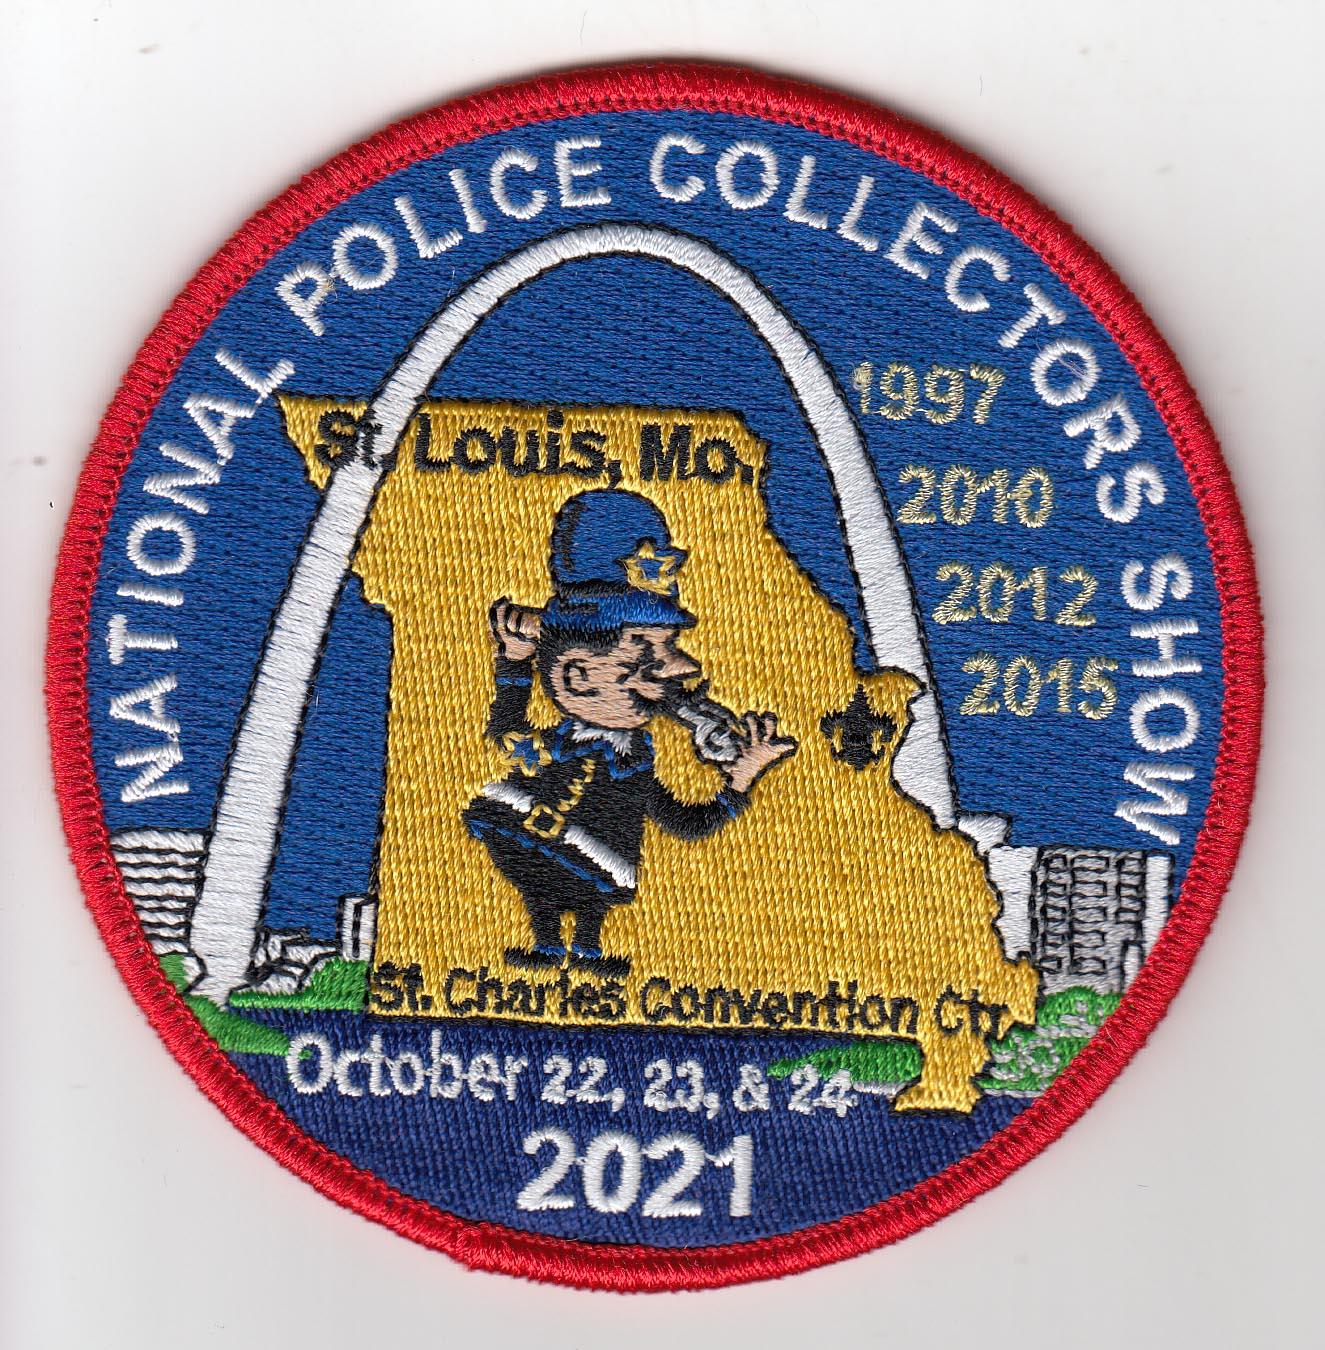 St. Louis Show Patch